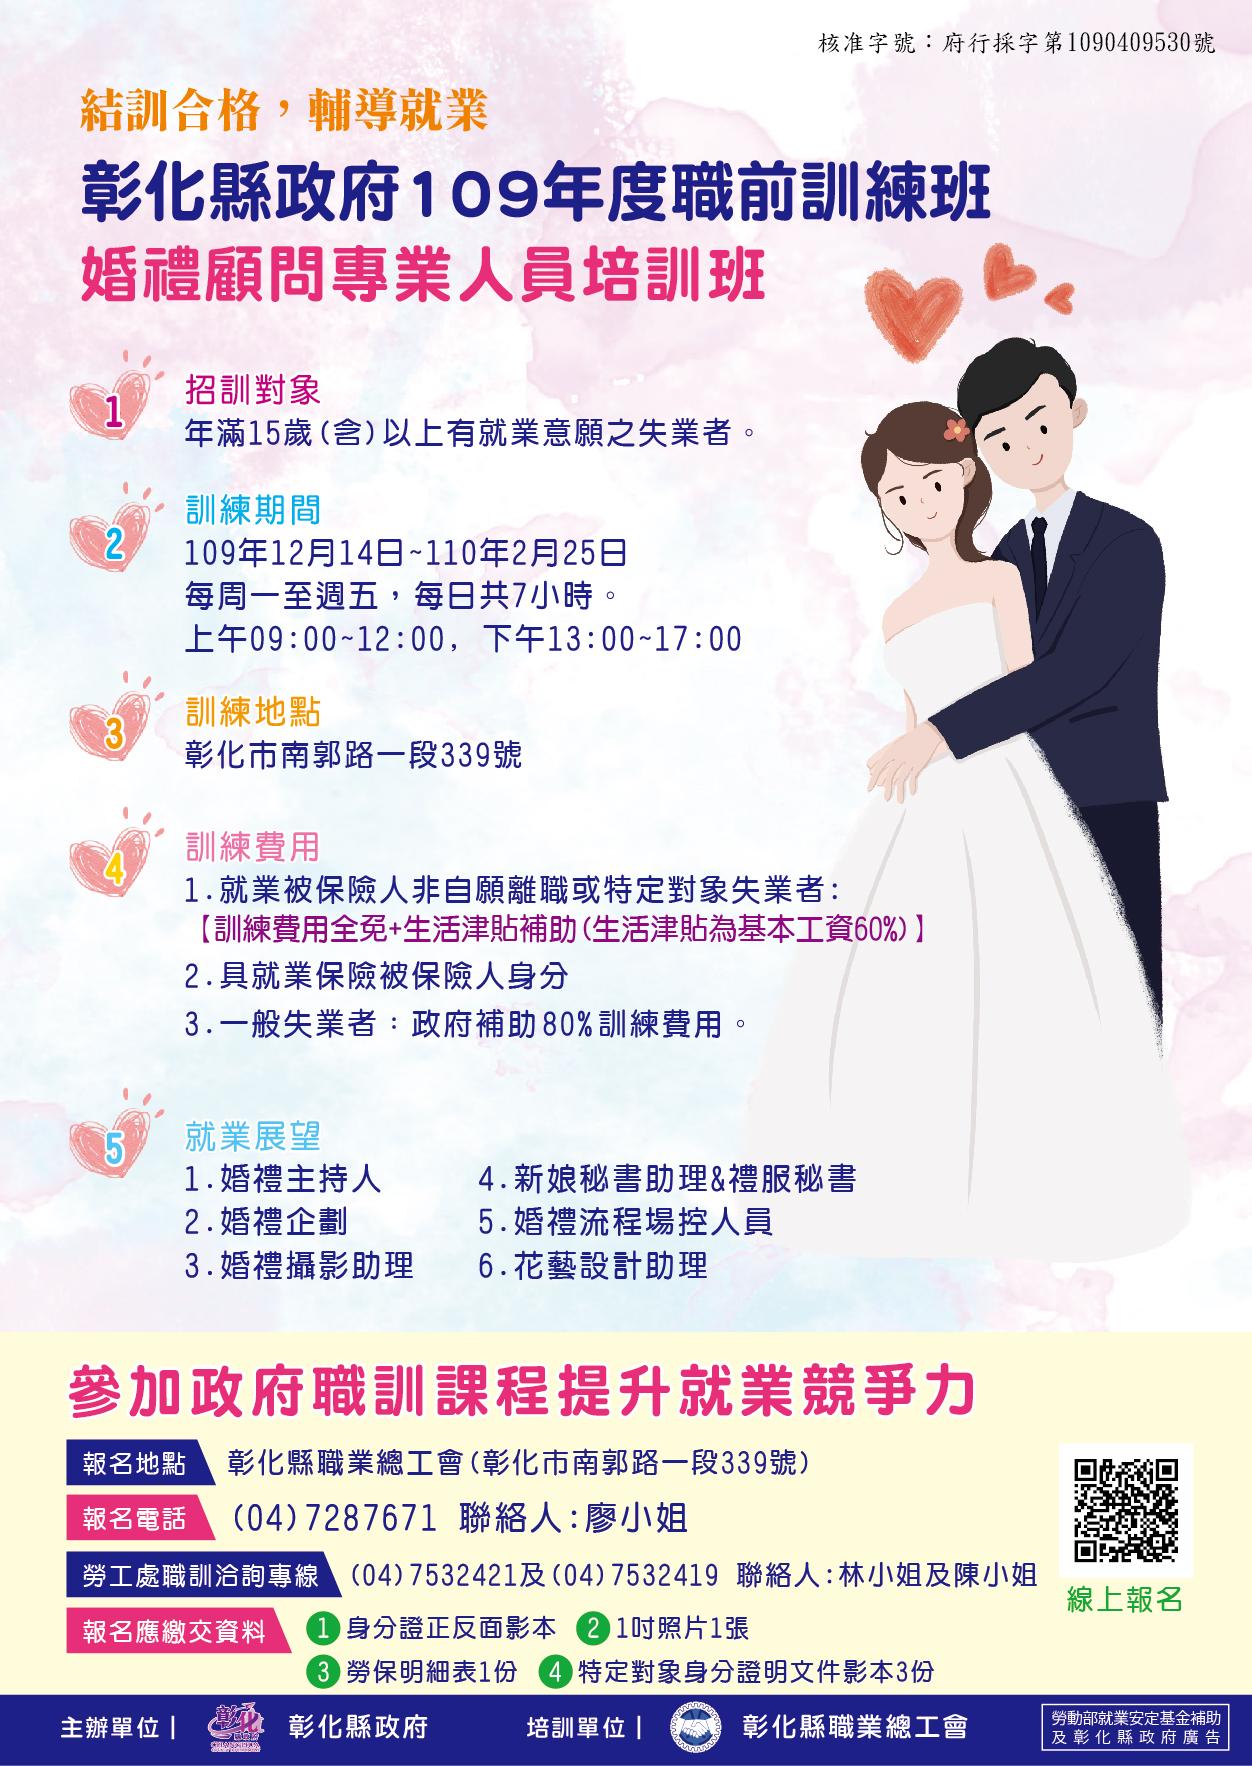 失業者職業訓練-婚禮顧問專業人員培訓班,熱烈招生中